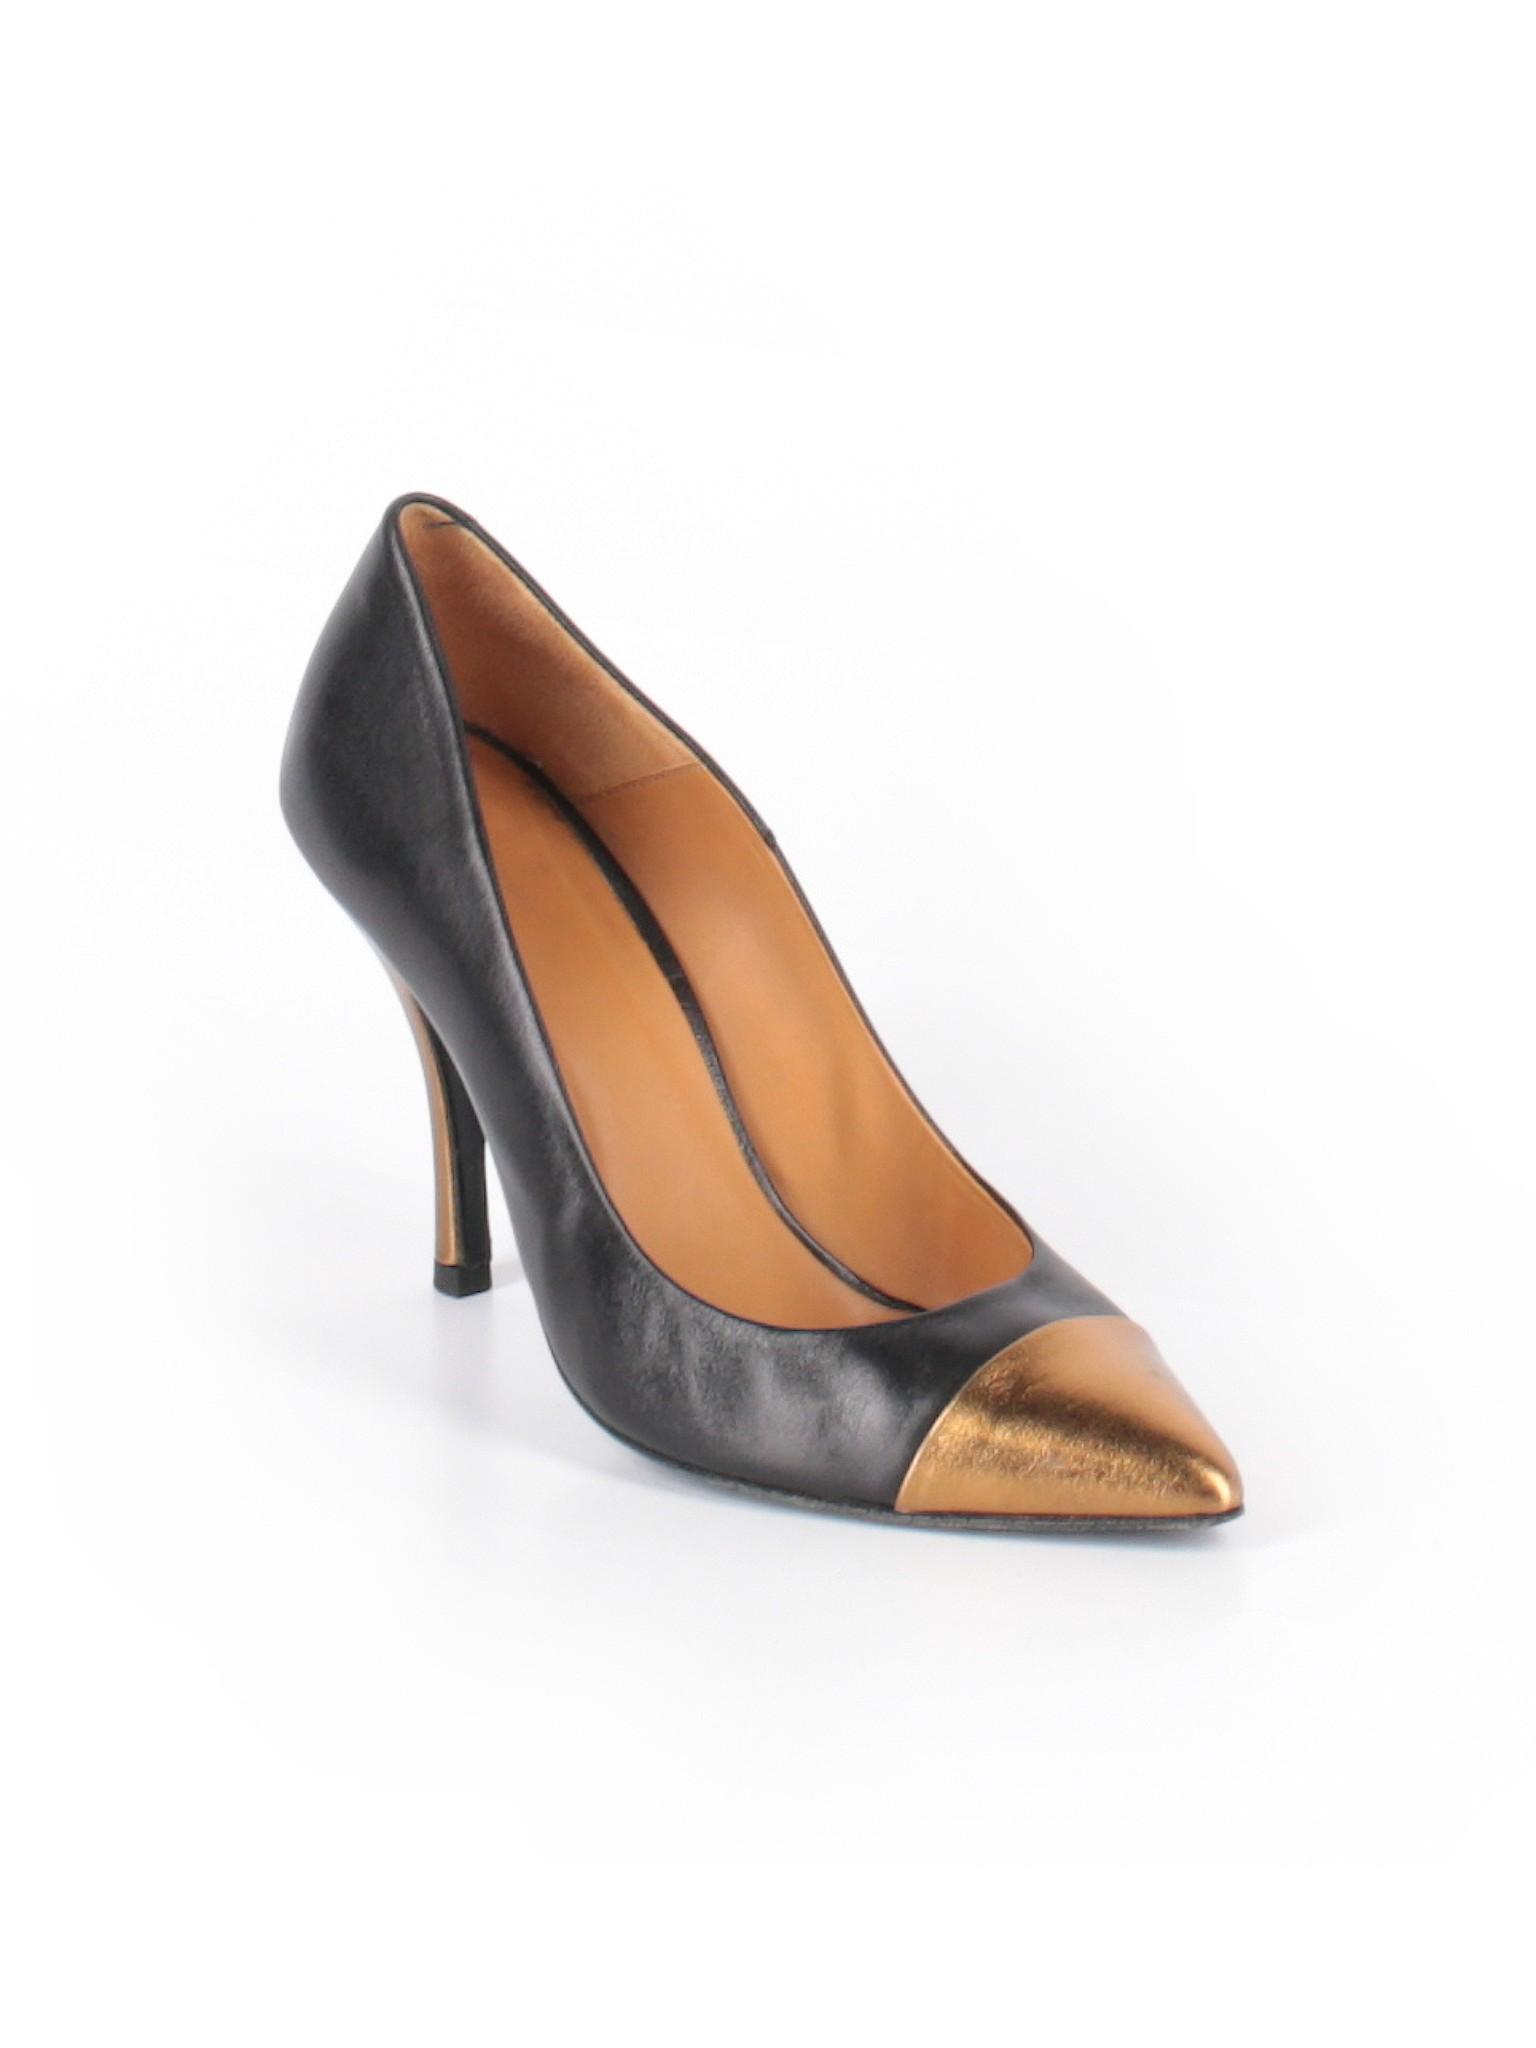 Boutique promotion Heels Cotonniers Comptoir des 4w4dzqYr